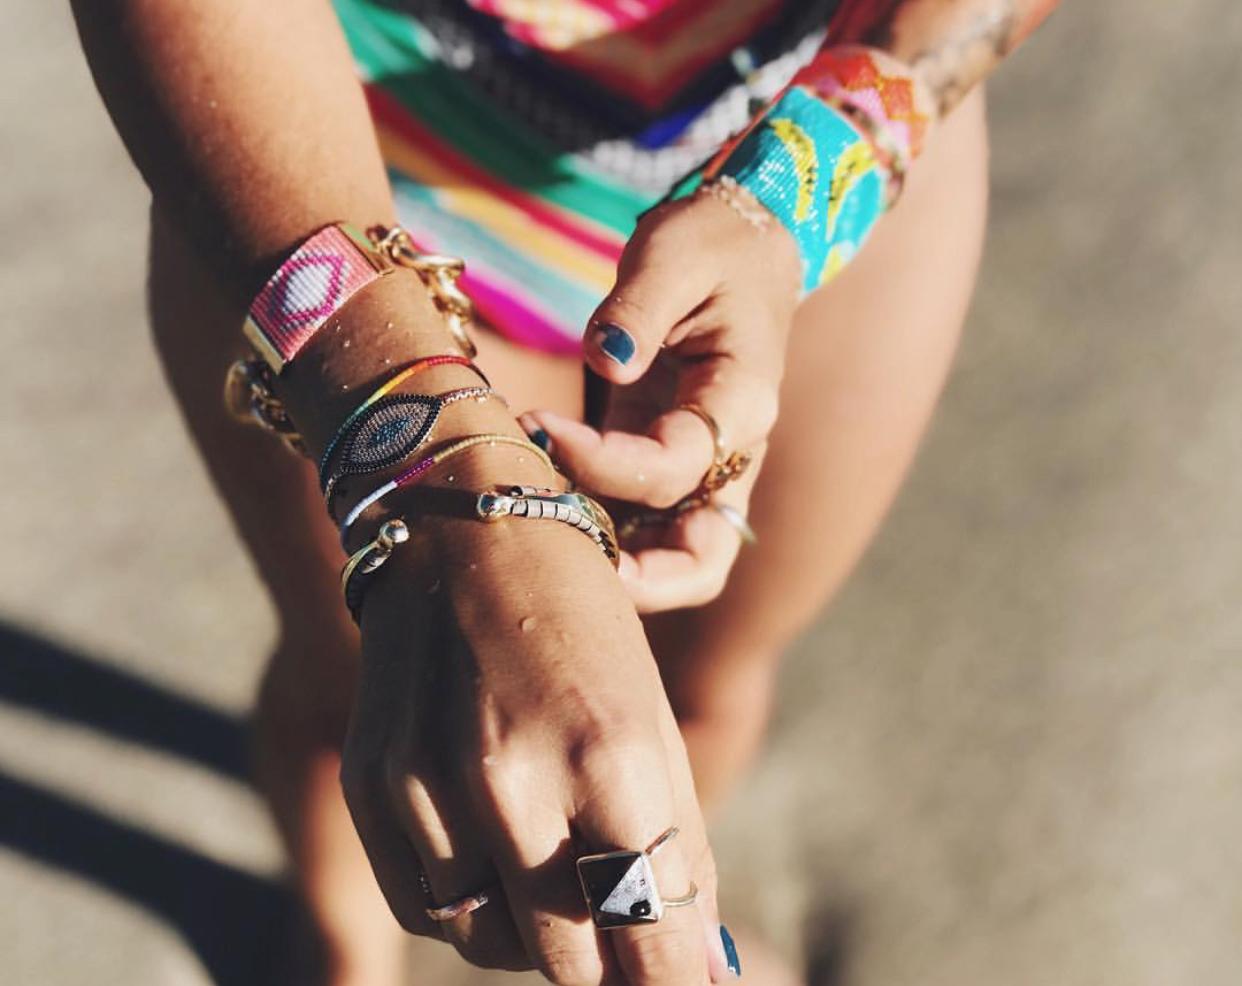 Resort wear bracelets worn by Disfunkshion Magazine